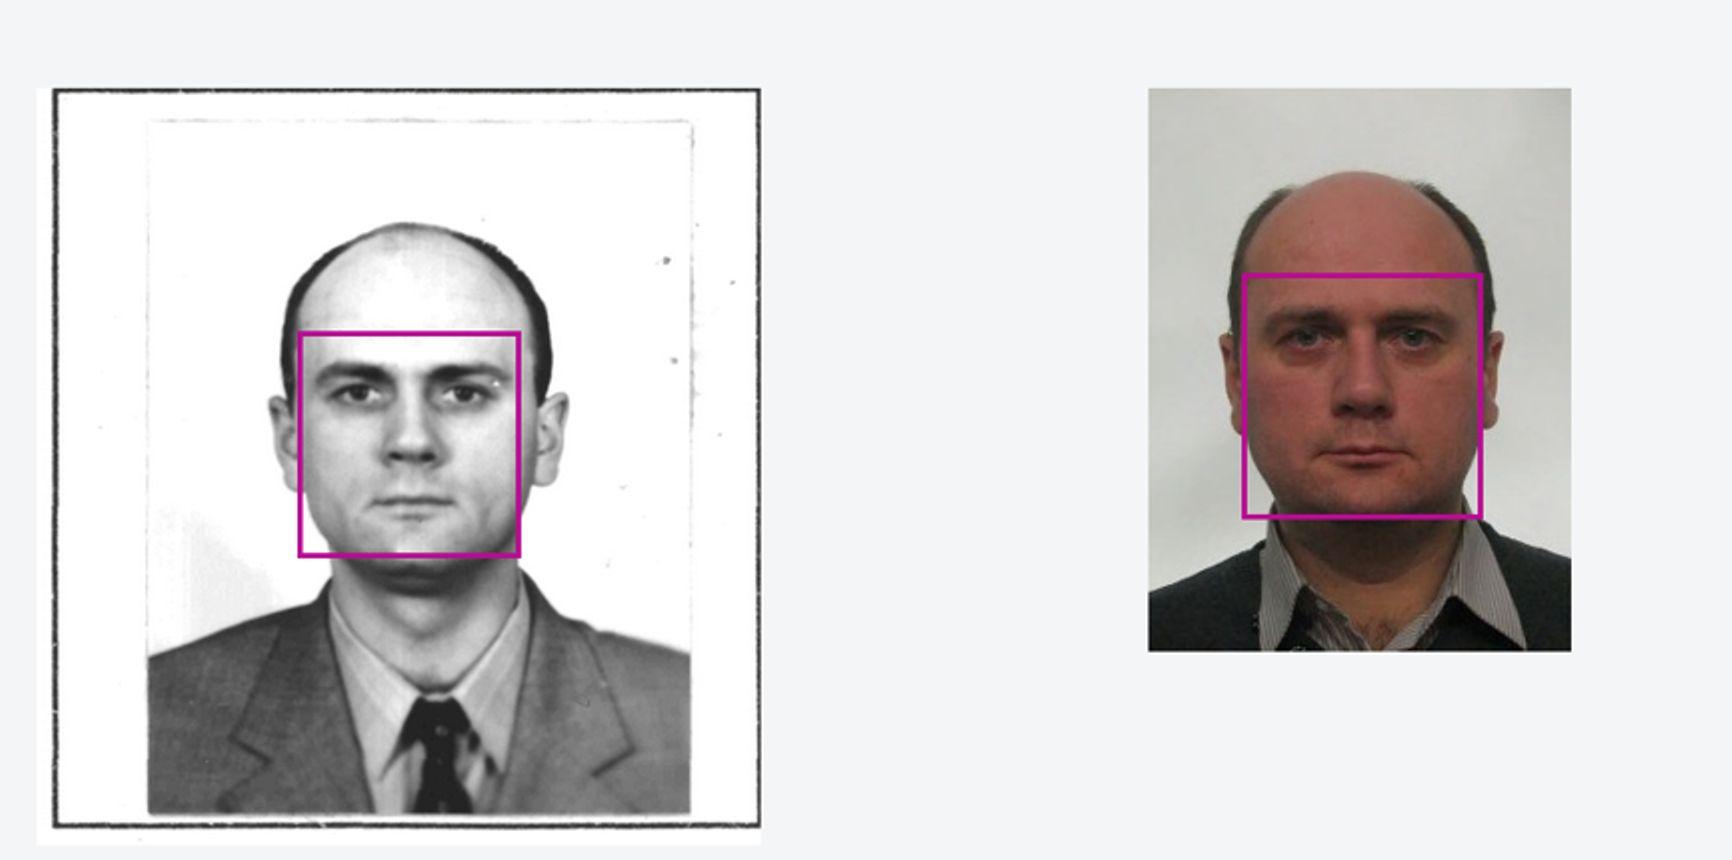 """Слева - паспортное фото Андрея Сазонцева, справа - визовое фото """"Андрея Митракова"""""""